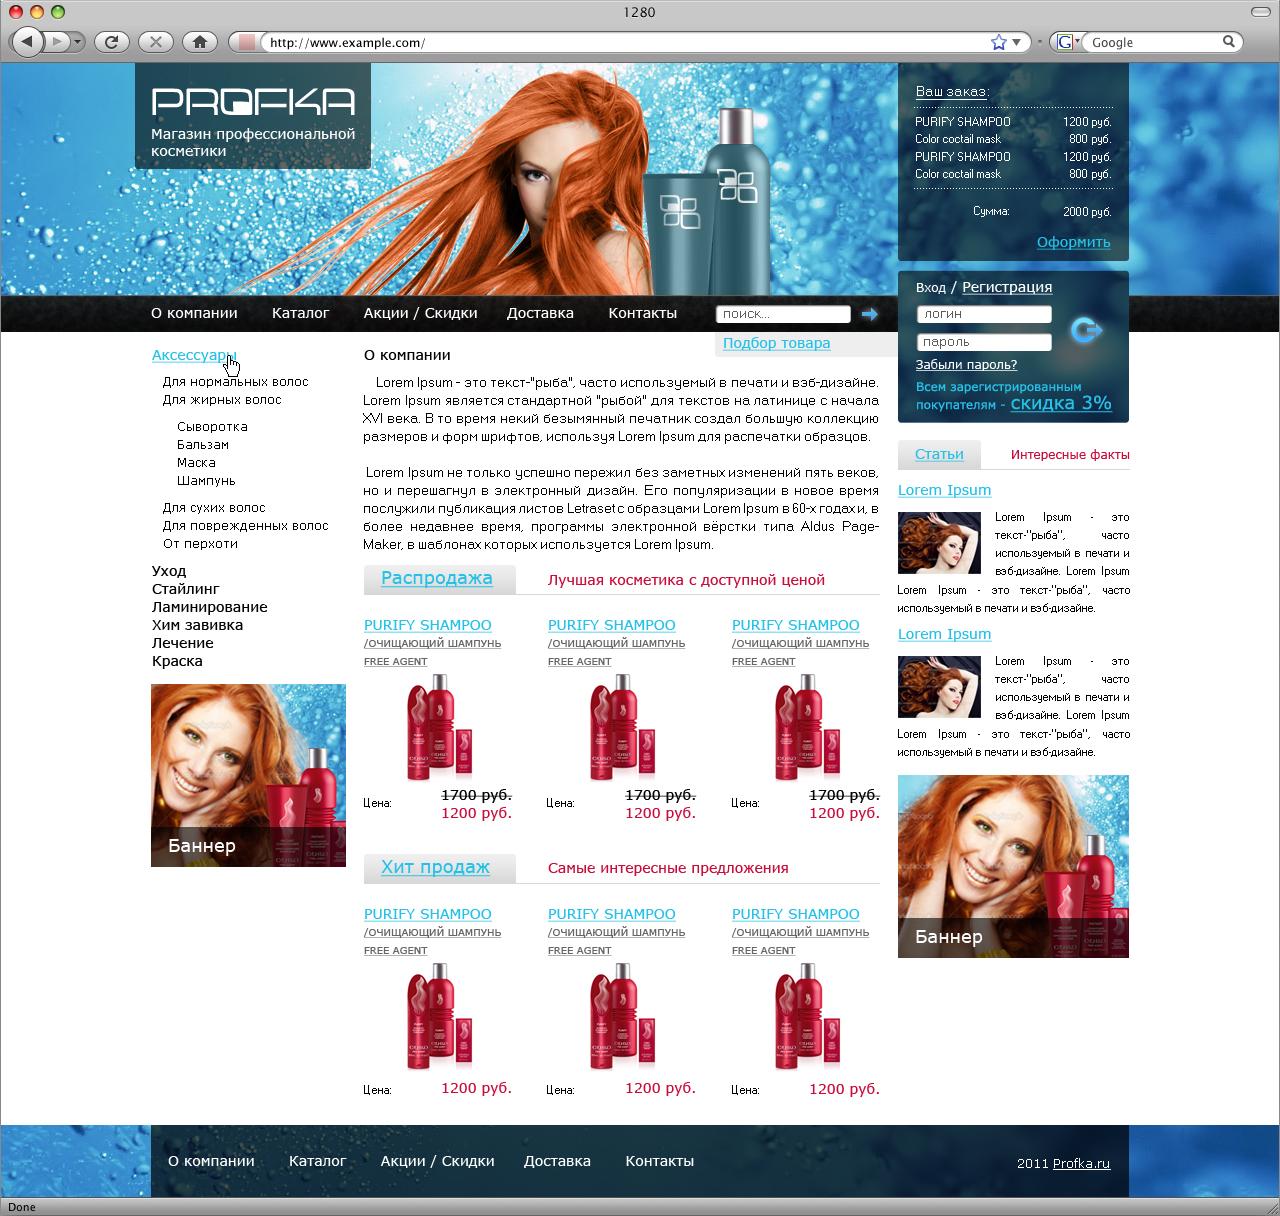 Магазин профессиональной косметики